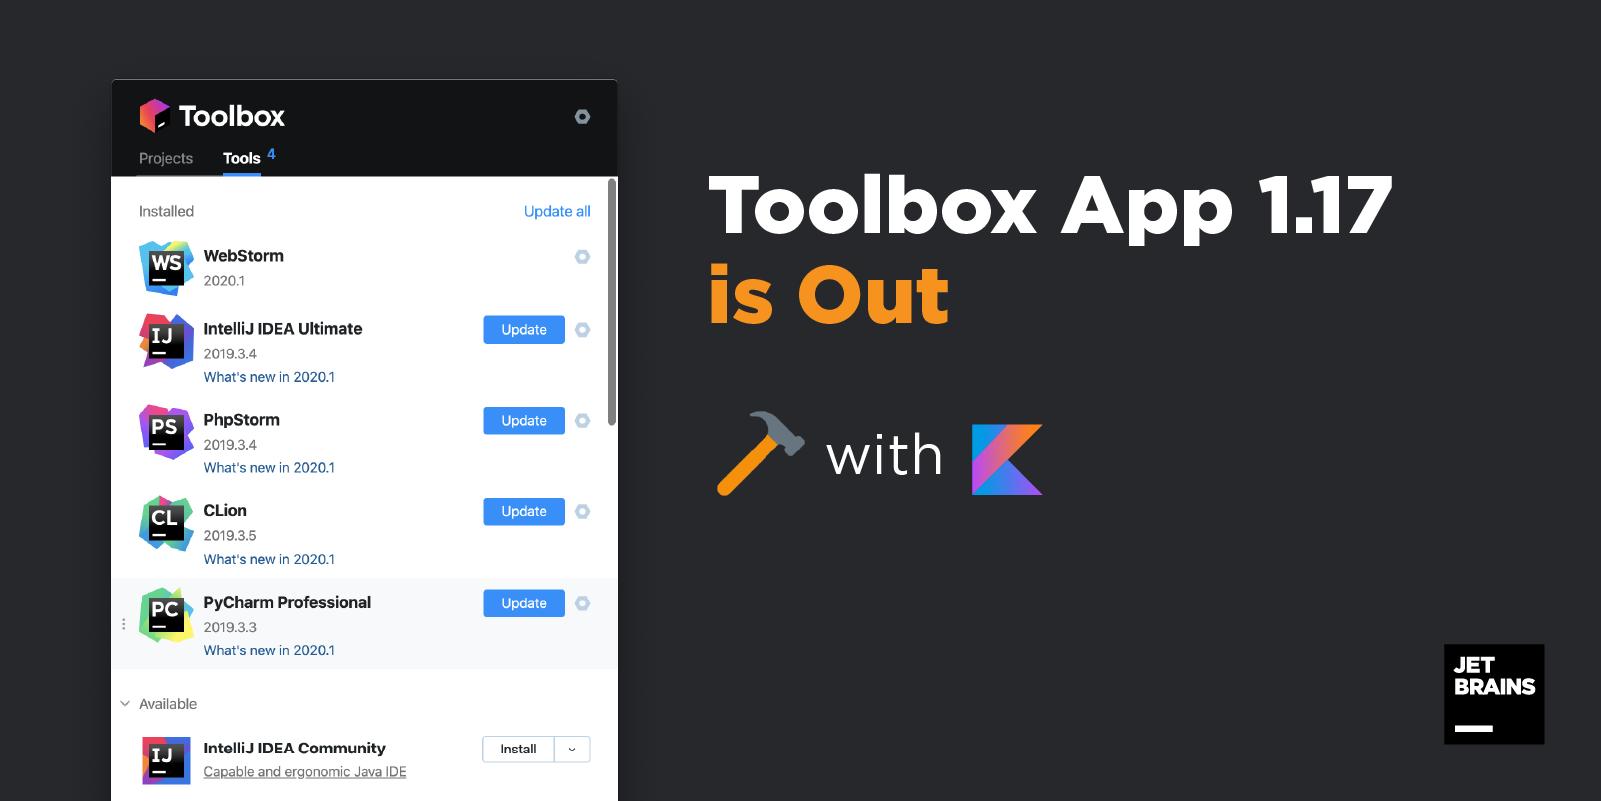 Toolbox App 1.17 Released